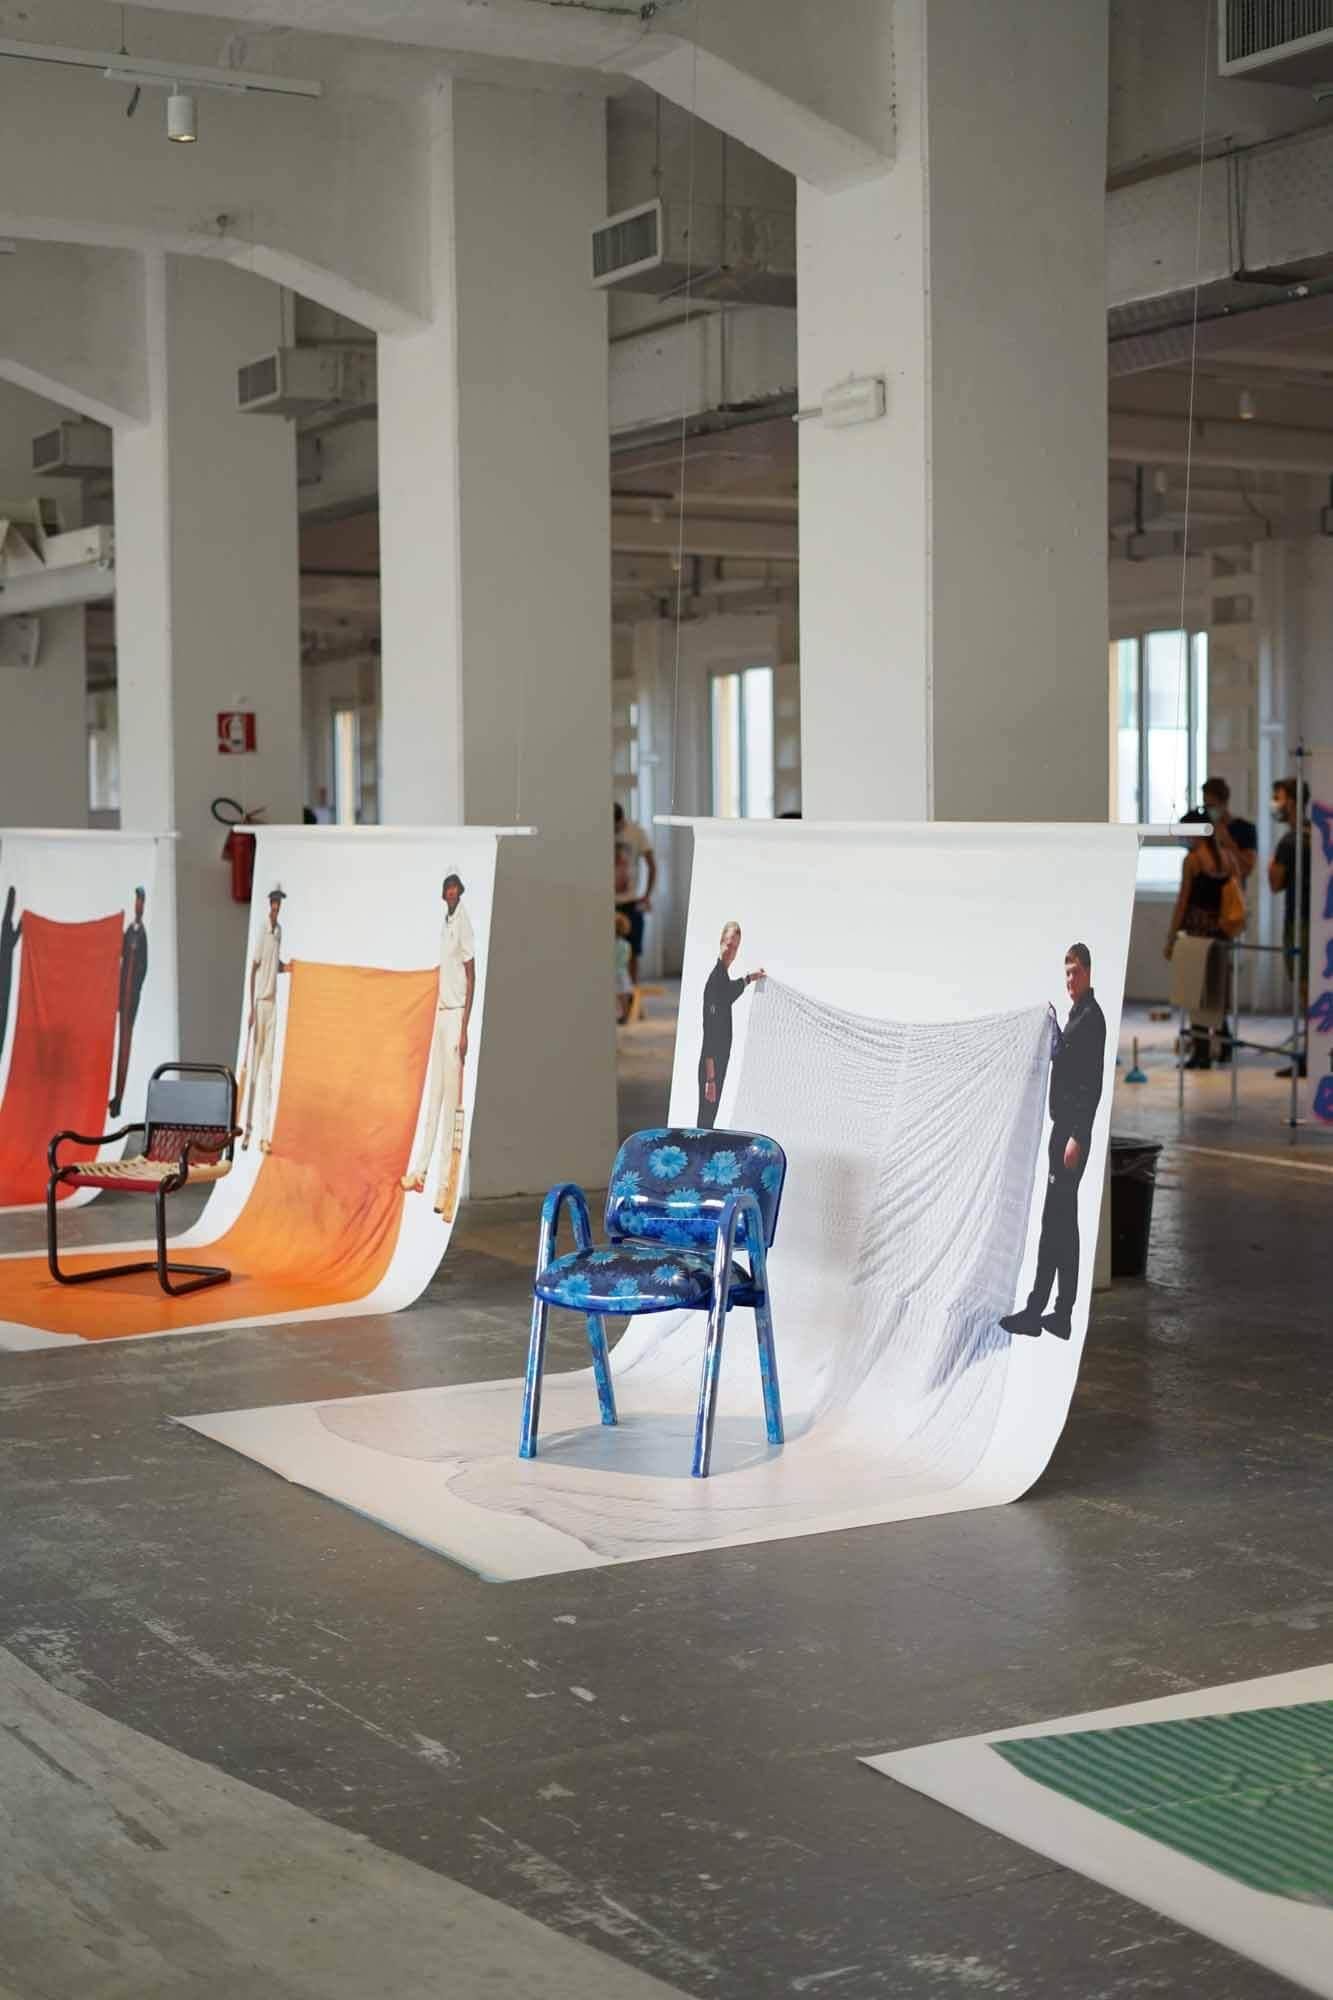 Маттео Гуарначча создает стулья в соответствии с привычками сидения в восьми странах